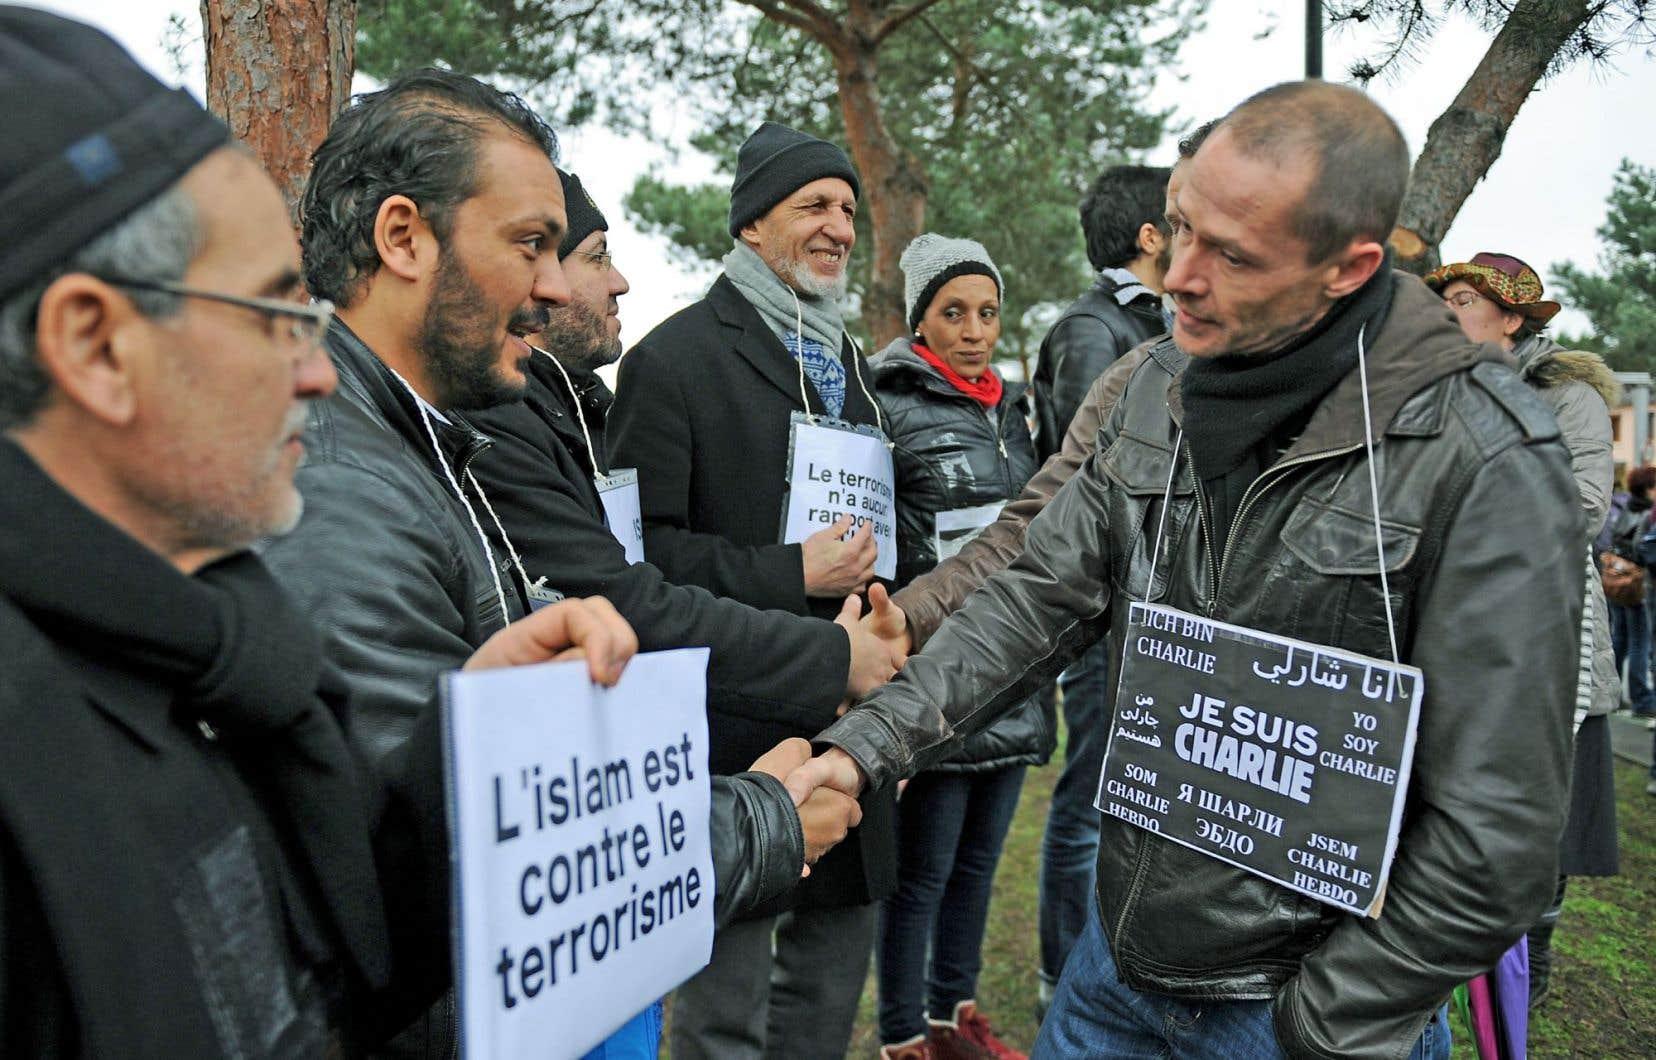 Manifestation de musulmans pour dénoncer les attaques terroristes devant une mosquée duMans